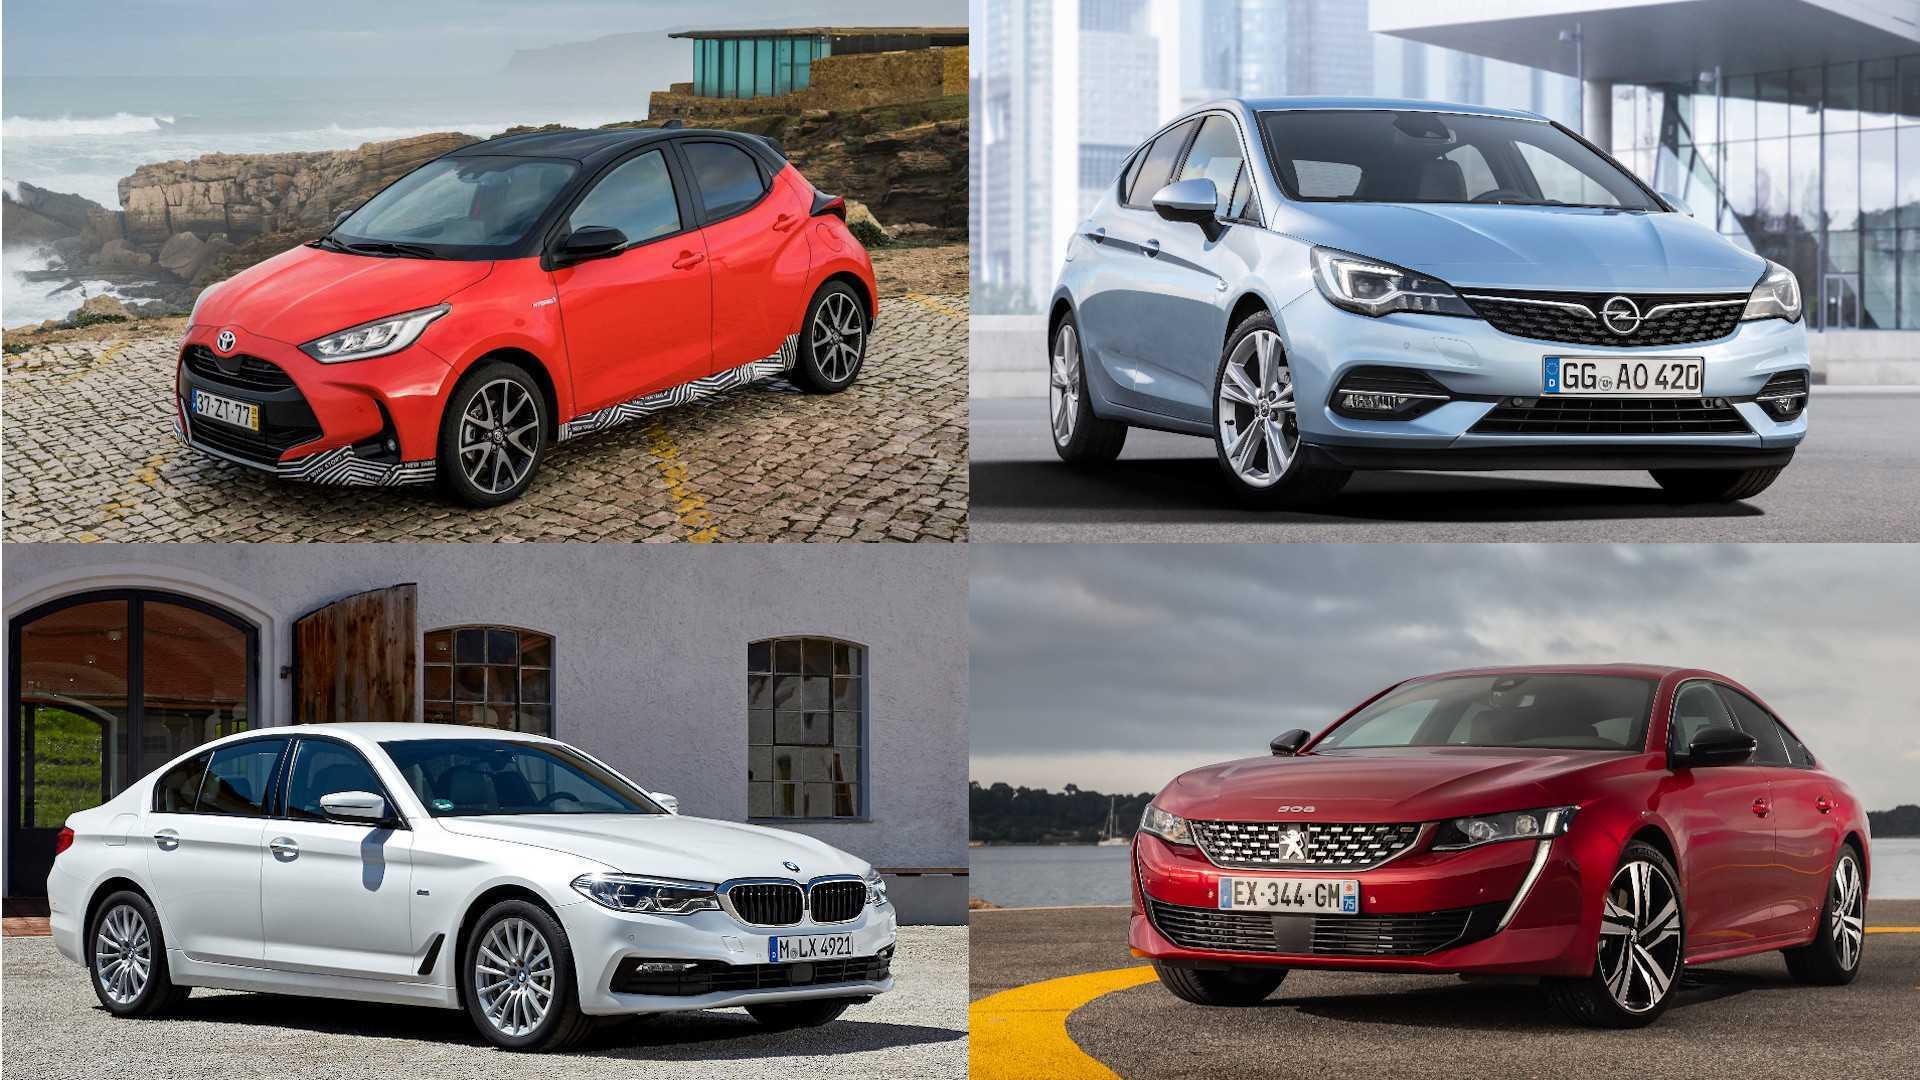 Spritspar-Autos: Ein Dutzend wirklich sparsame Modelle für jeden